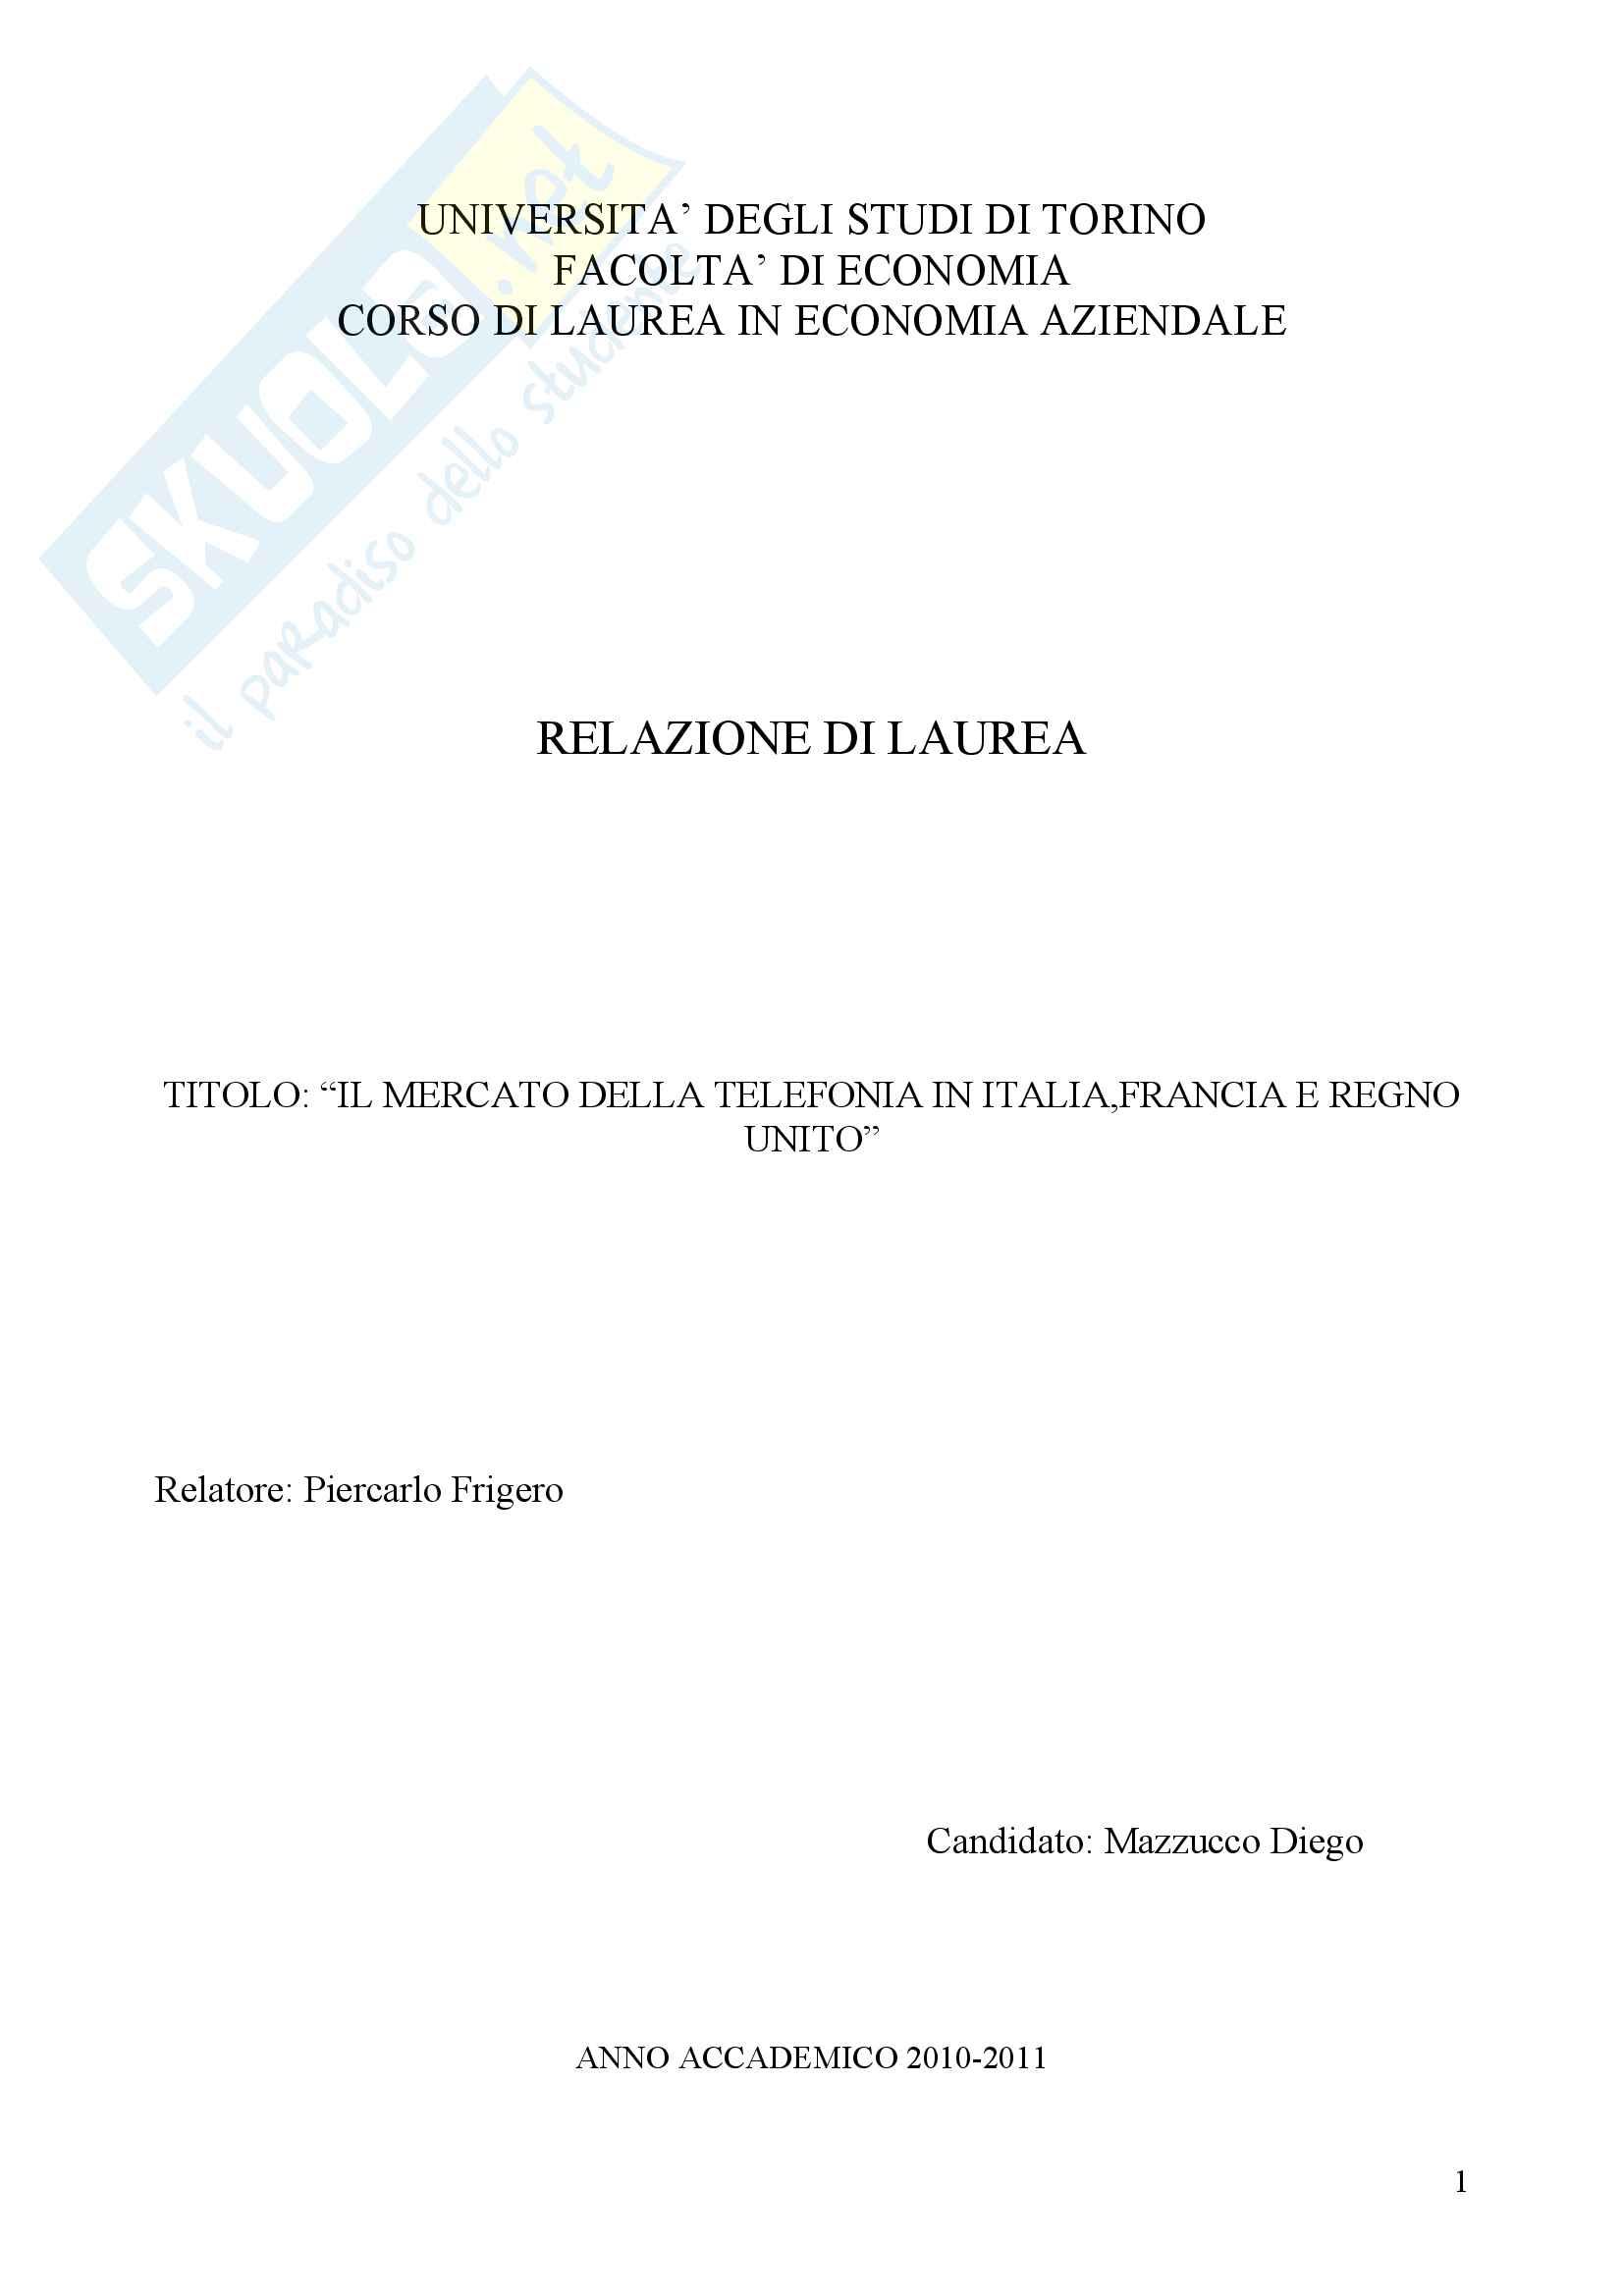 Il mercato delle telecomunicazioni in Italia, Francia e Gran Bretagna